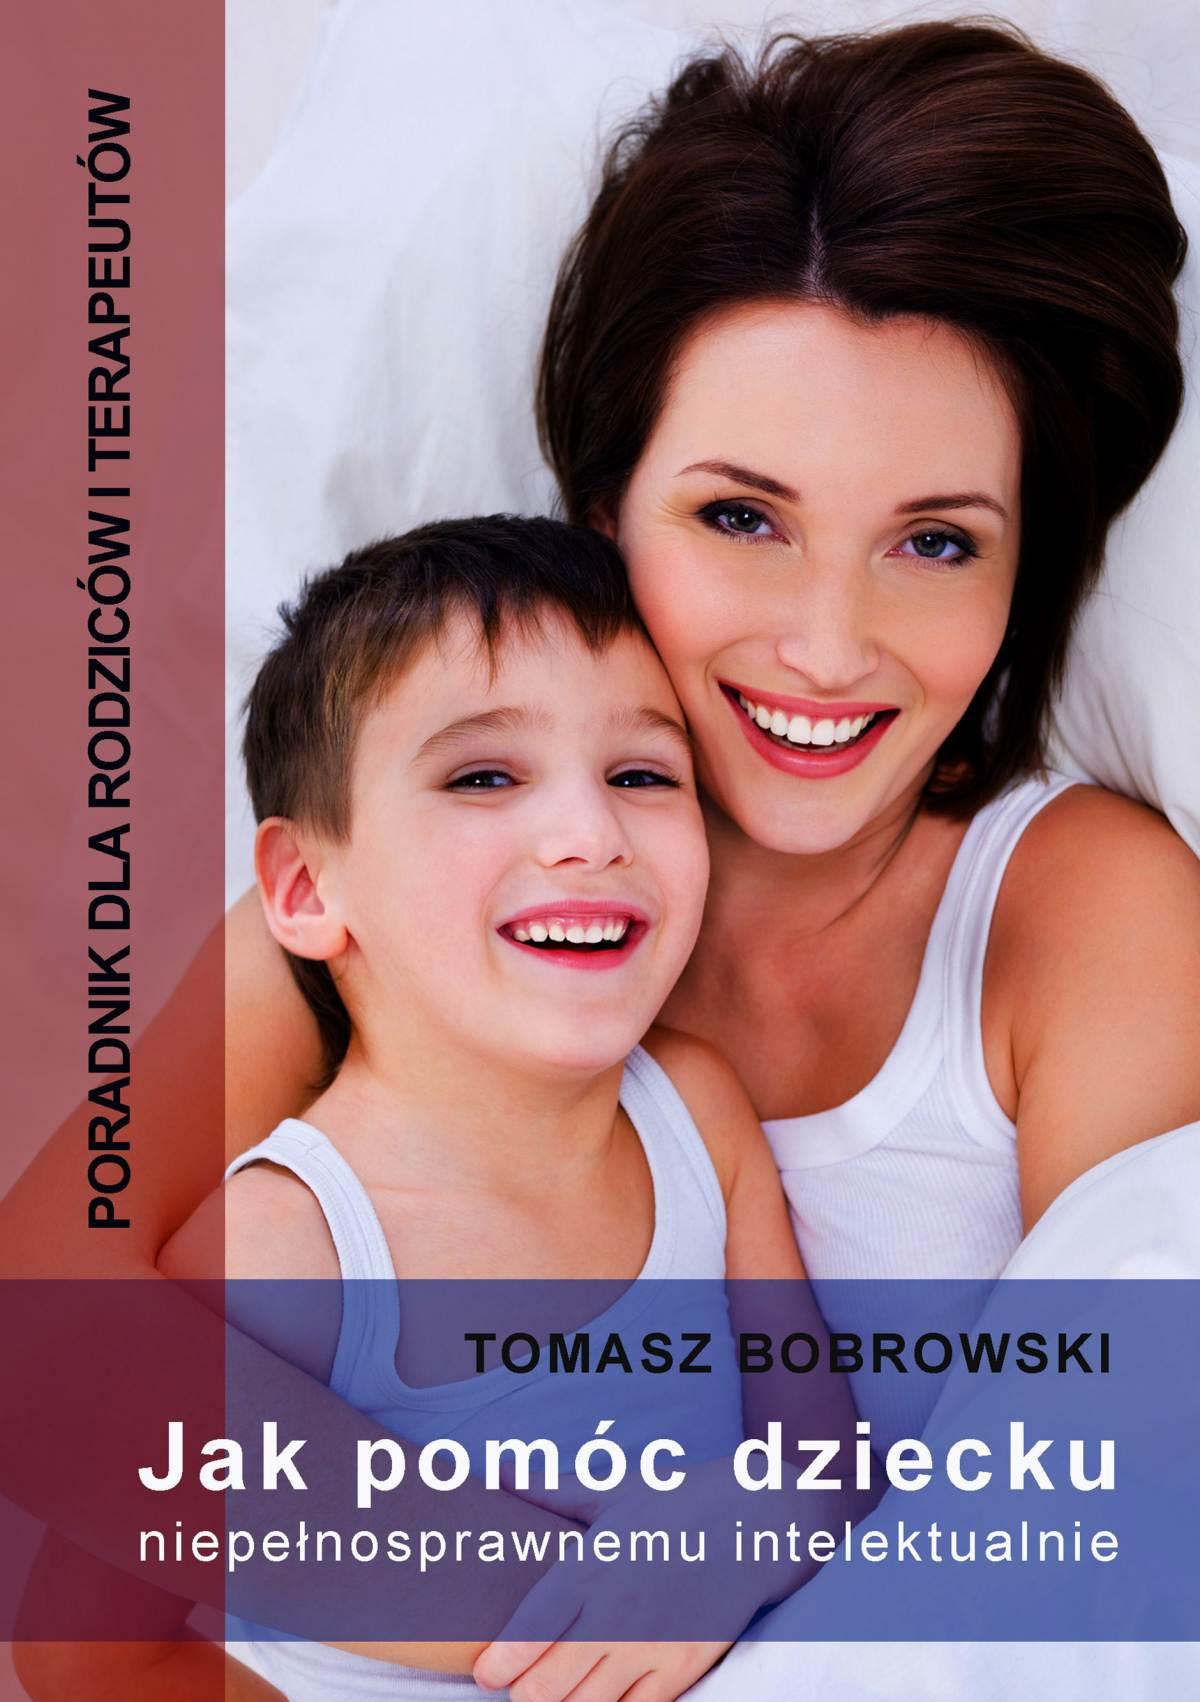 Jak pomóc dziecku niepełnosprawnemu intelektualnie. Poradnik dla rodziców i terapeutów - Ebook (Książka PDF) do pobrania w formacie PDF